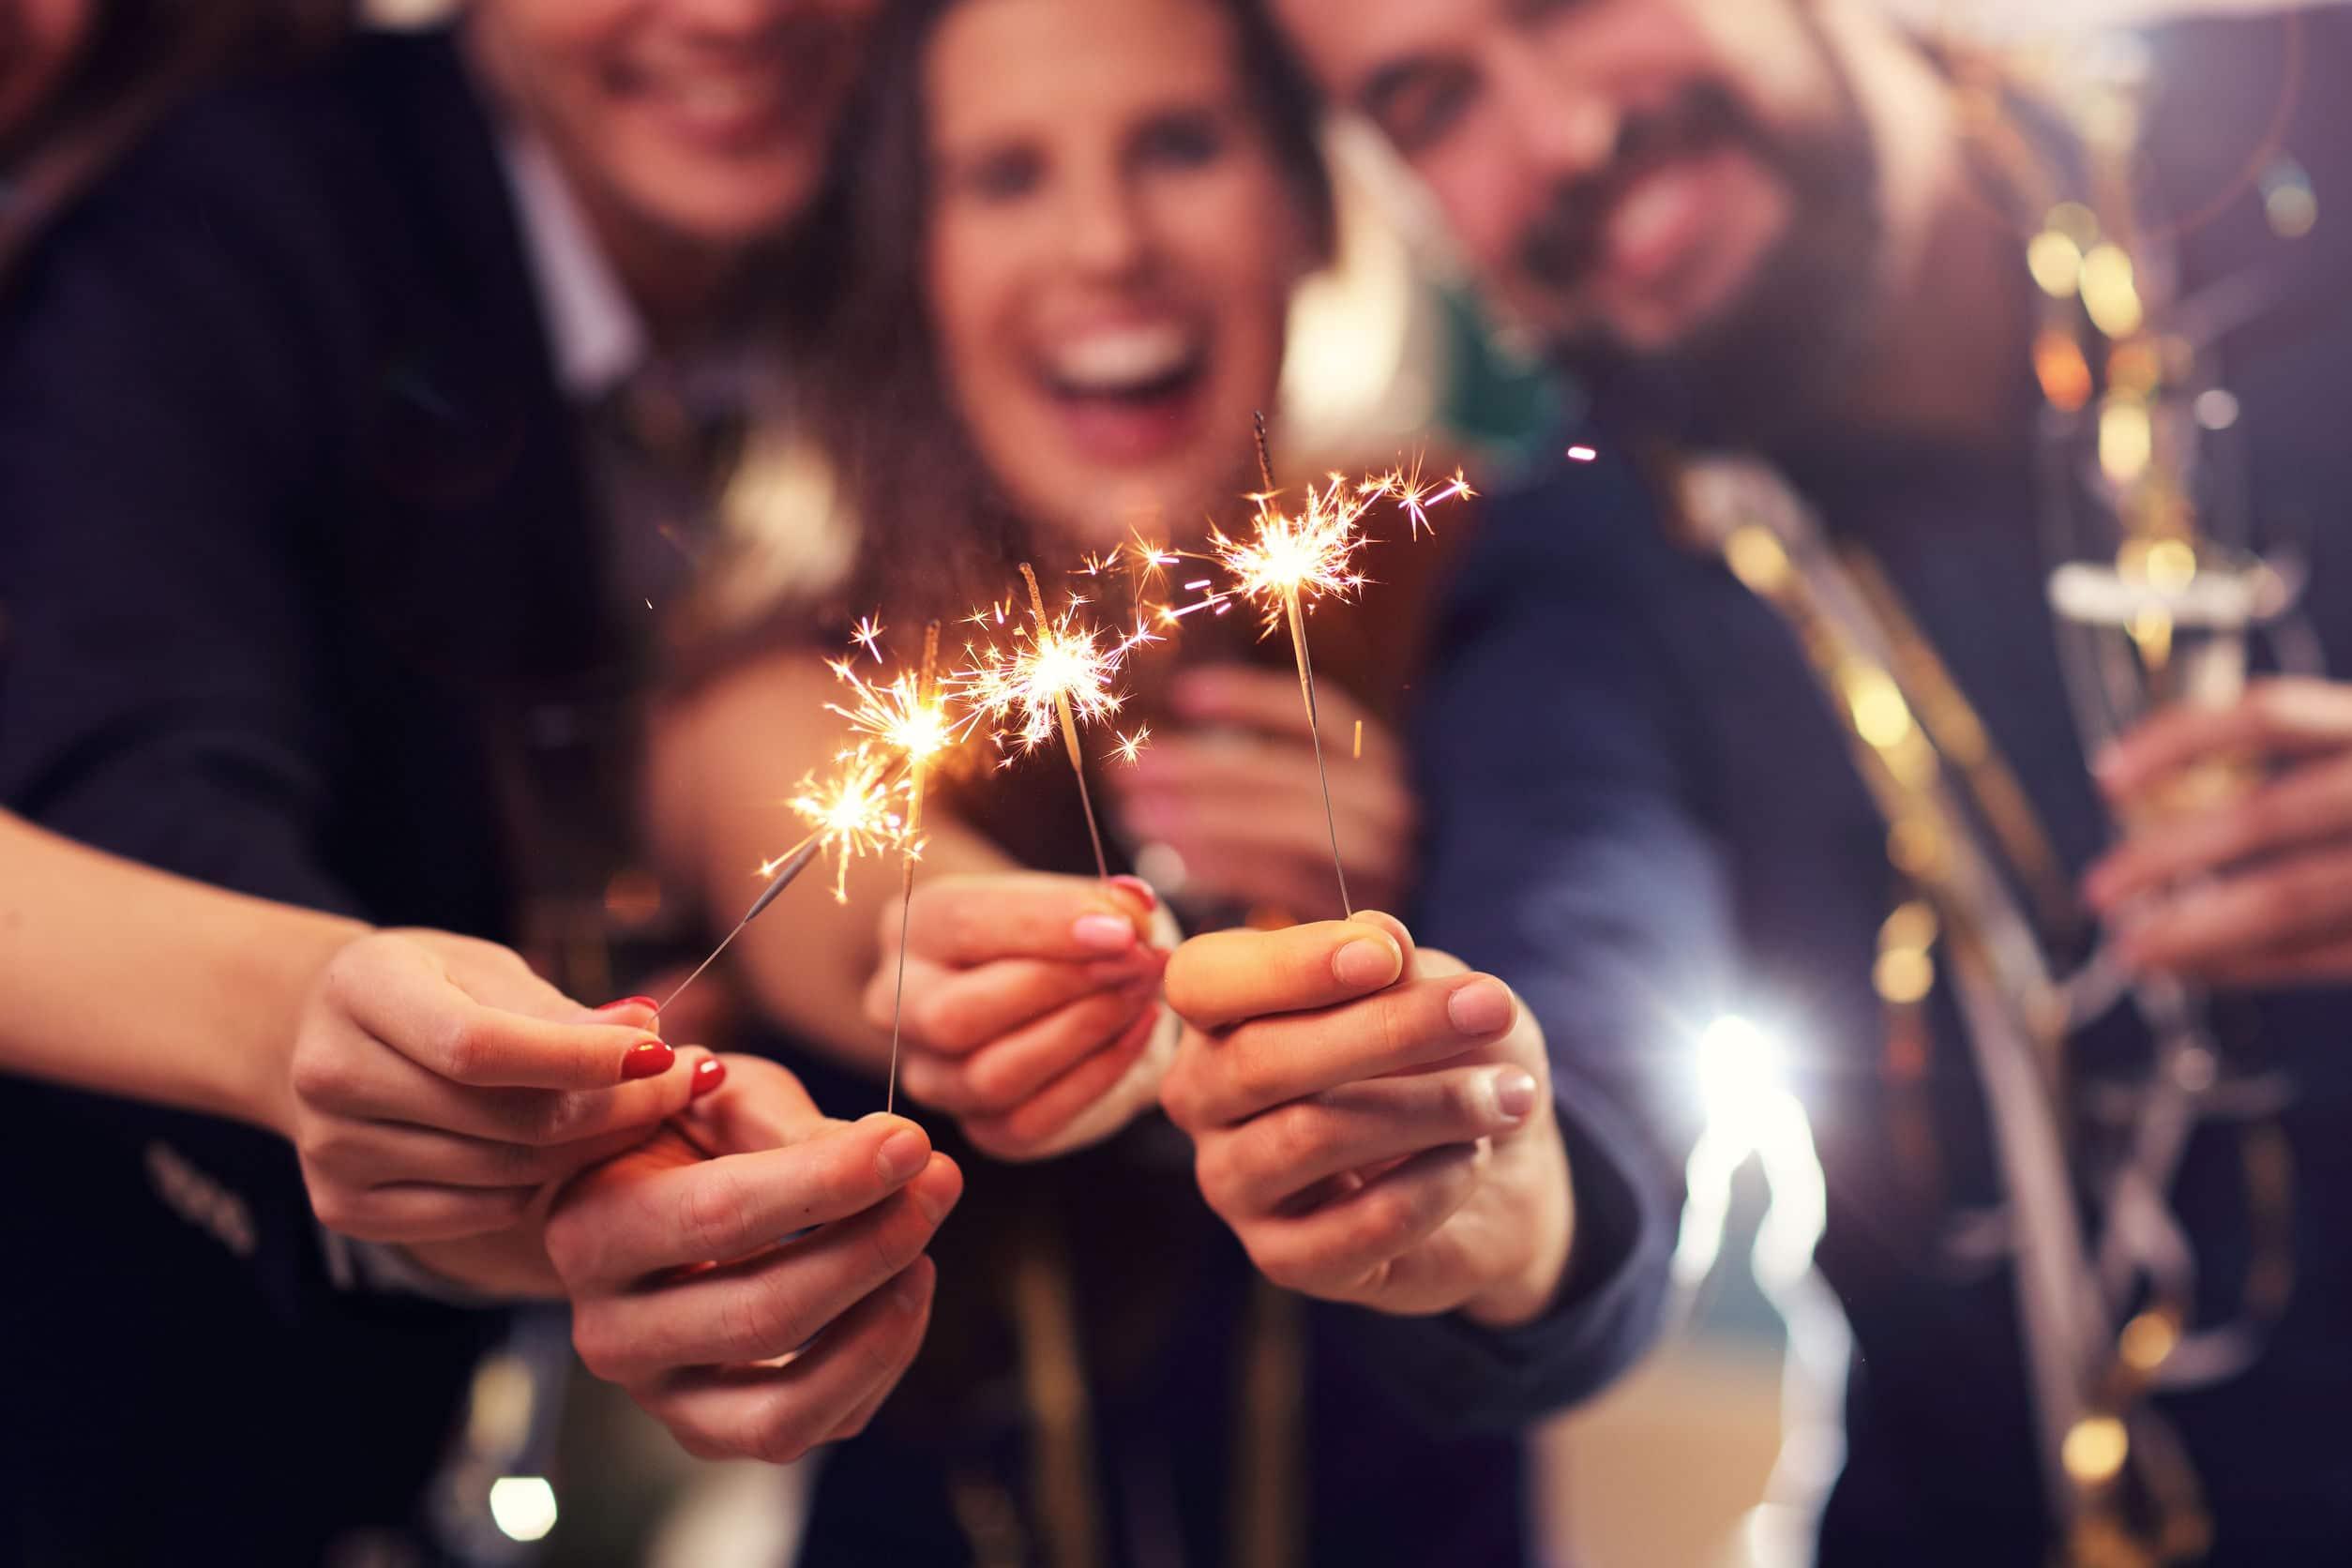 Grupo de amigos, dois homens e uma mulher, sorridentes em uma festa, segurando velas que soltam faíscas acesas e segurando taças de champanhe.